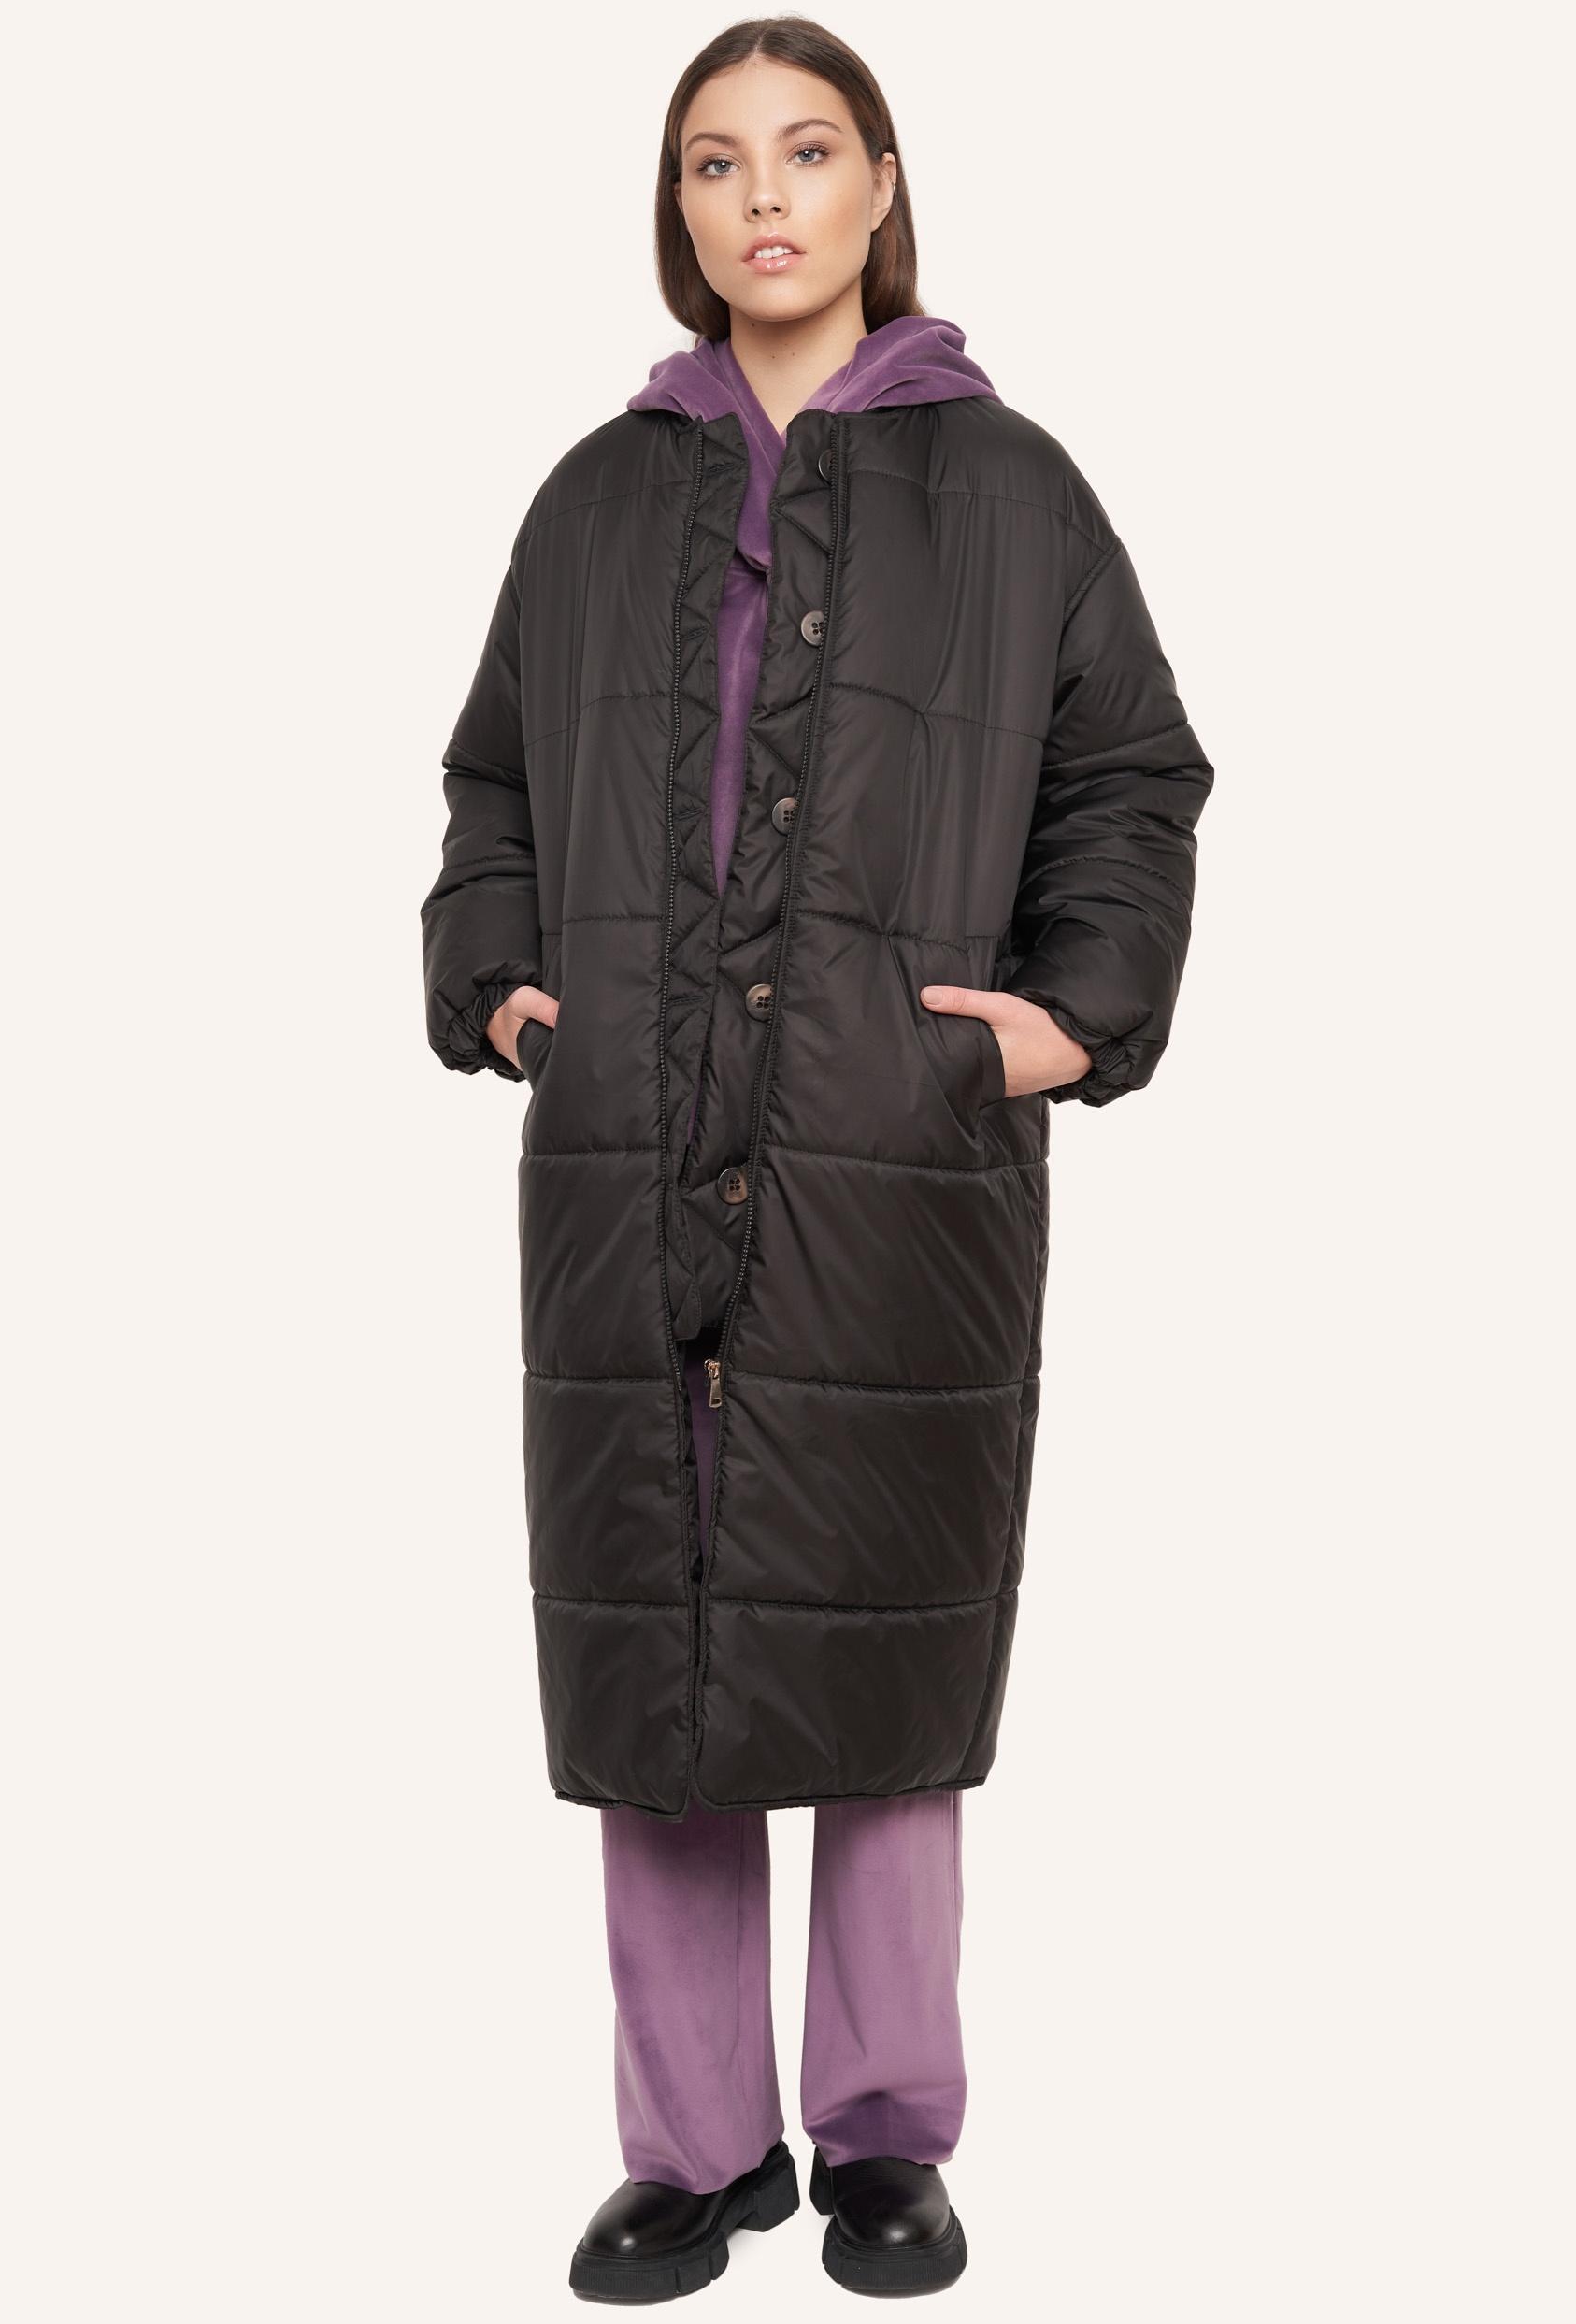 Płaszcz pikowany FLAVIE COAT czarny